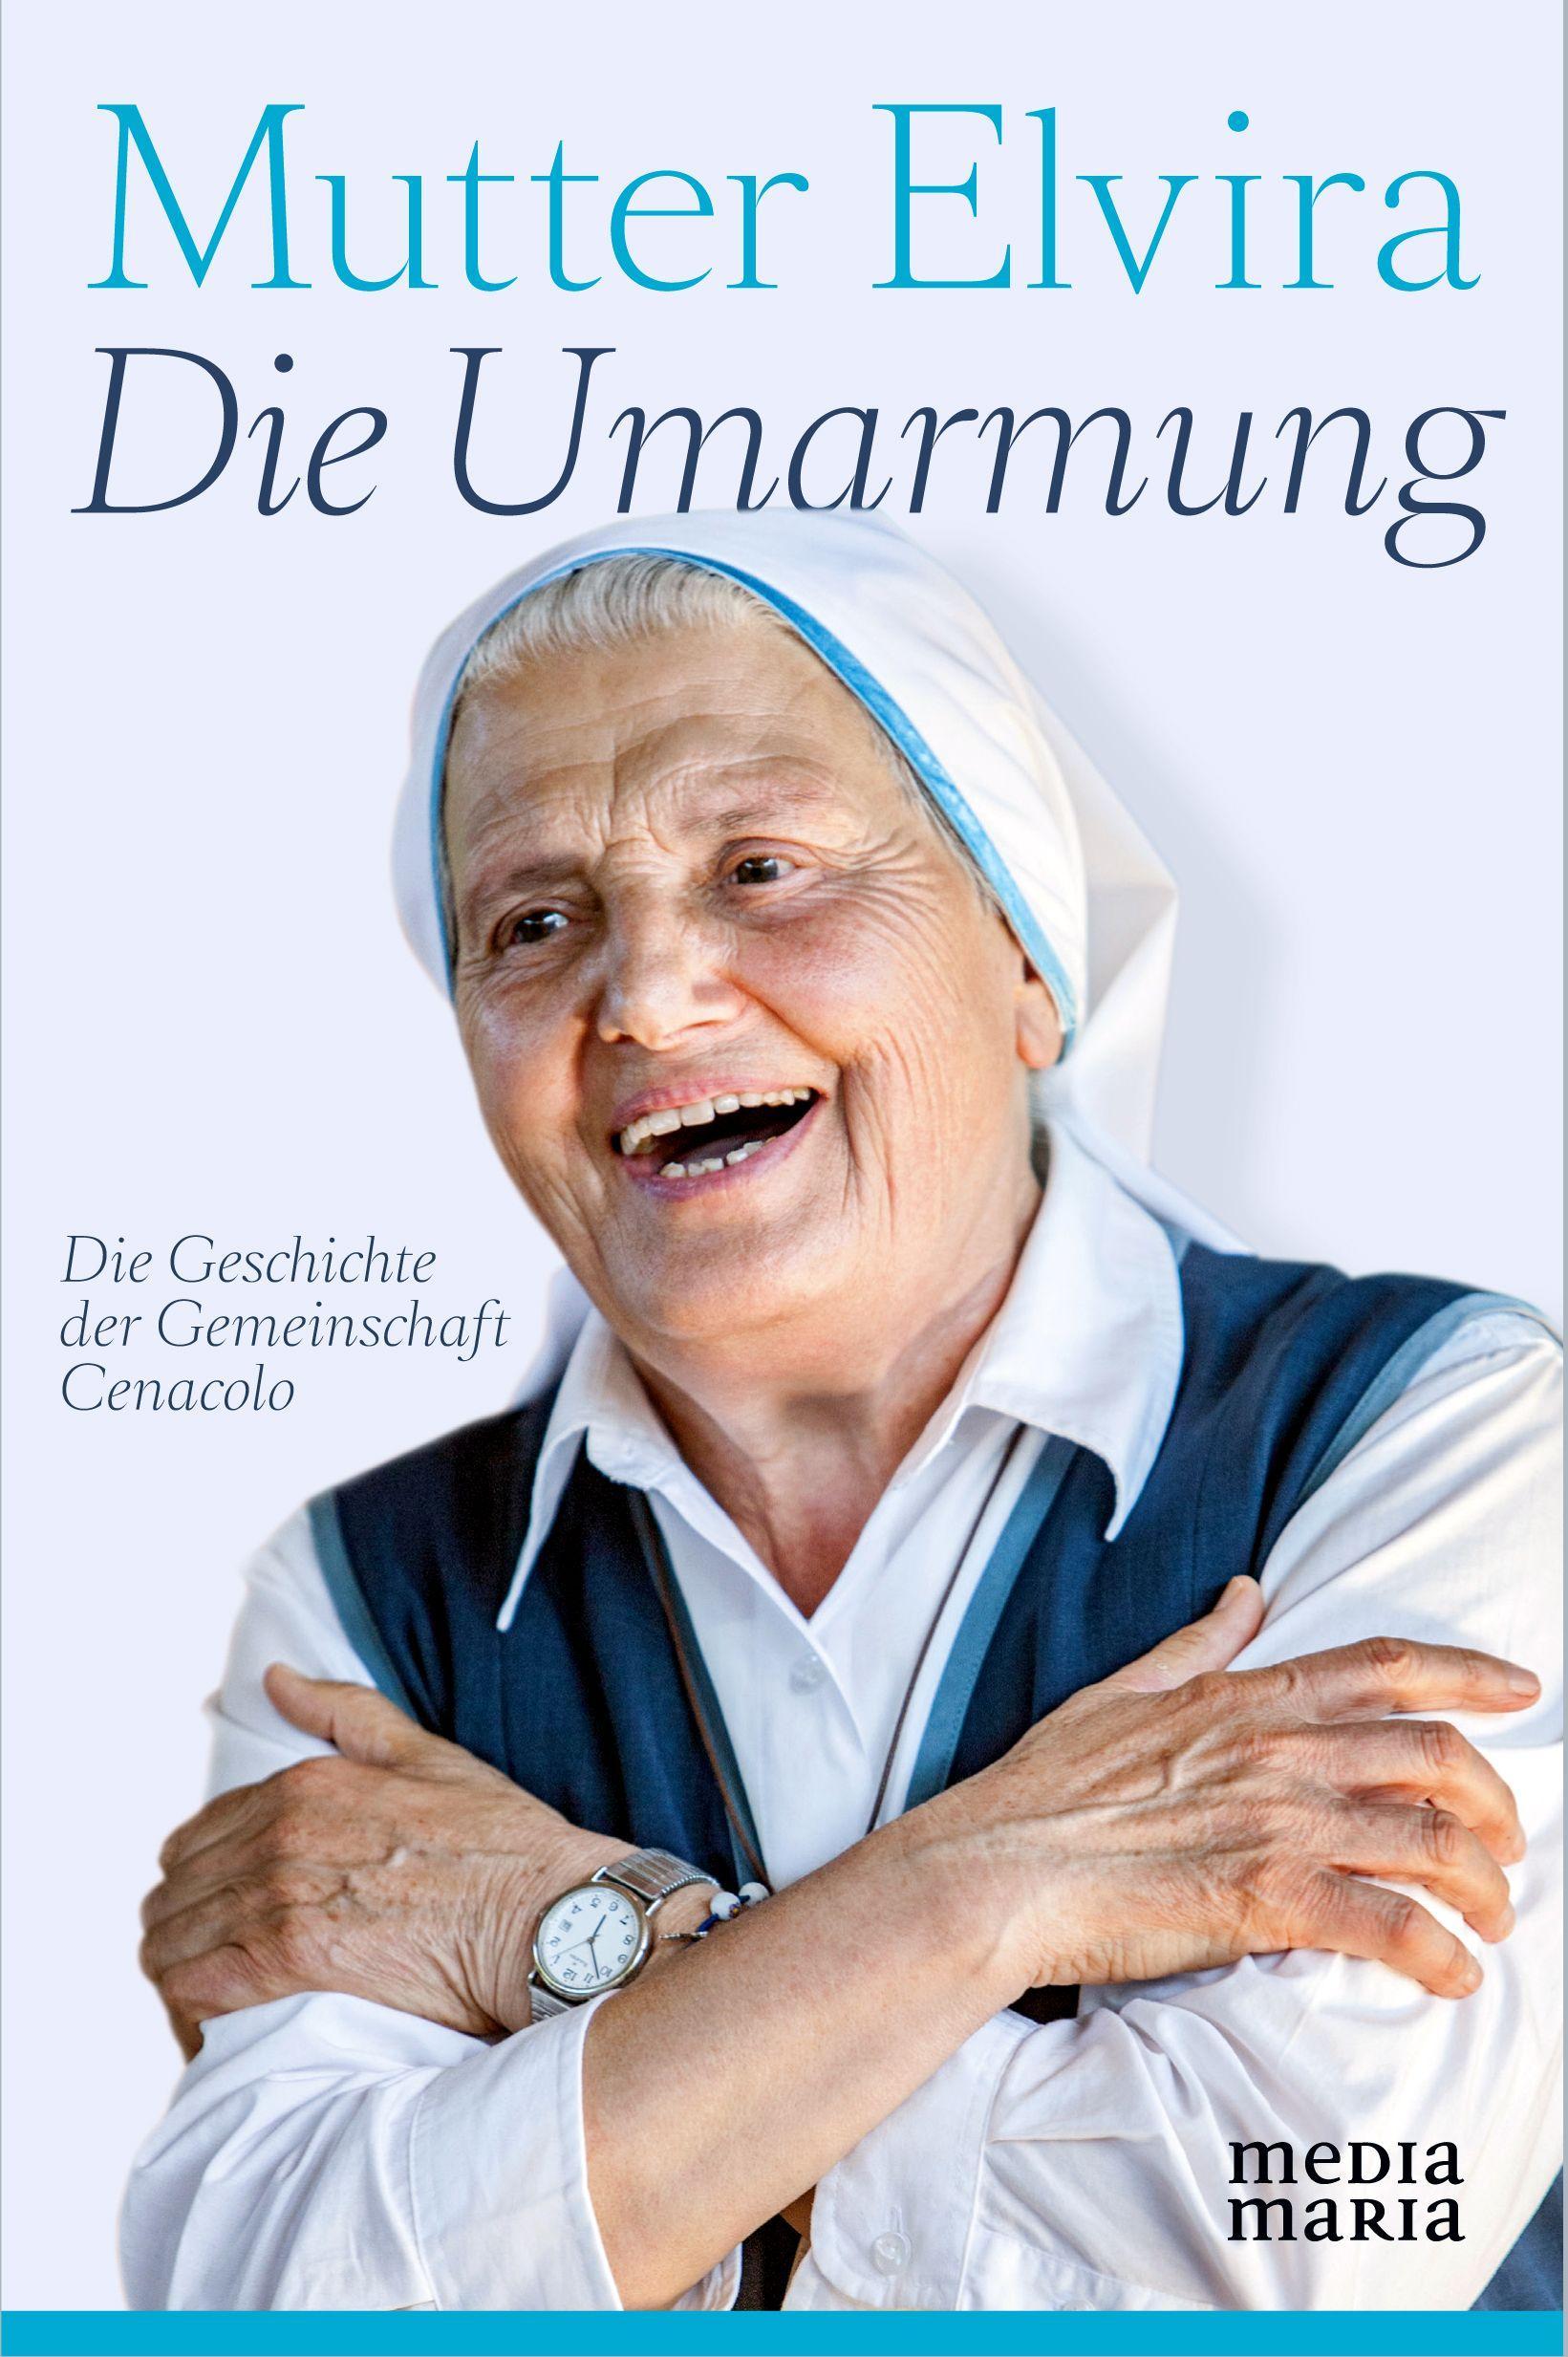 Ein sehr lesenswertes Buch über eine wunderbare Frau.